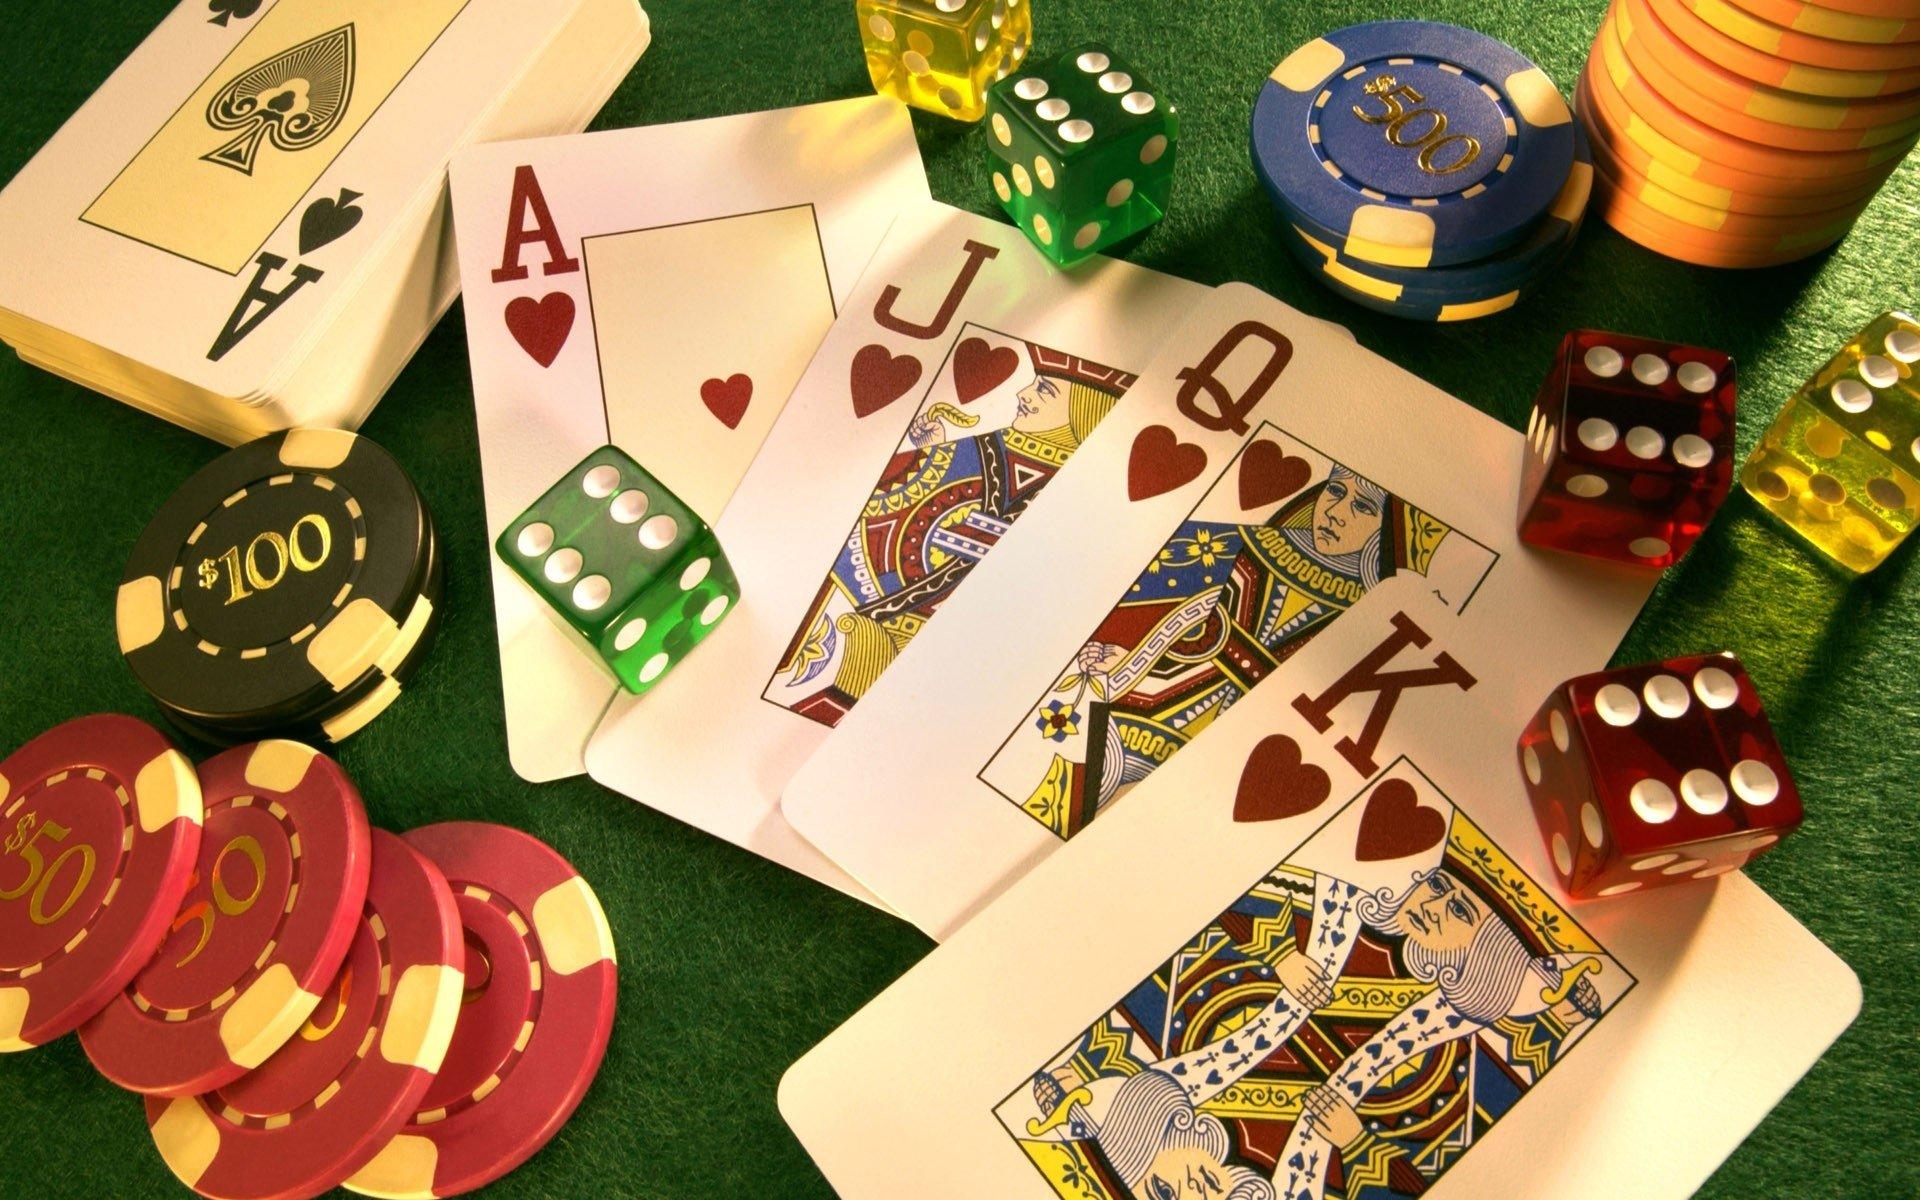 SEK valuta casino Mitten